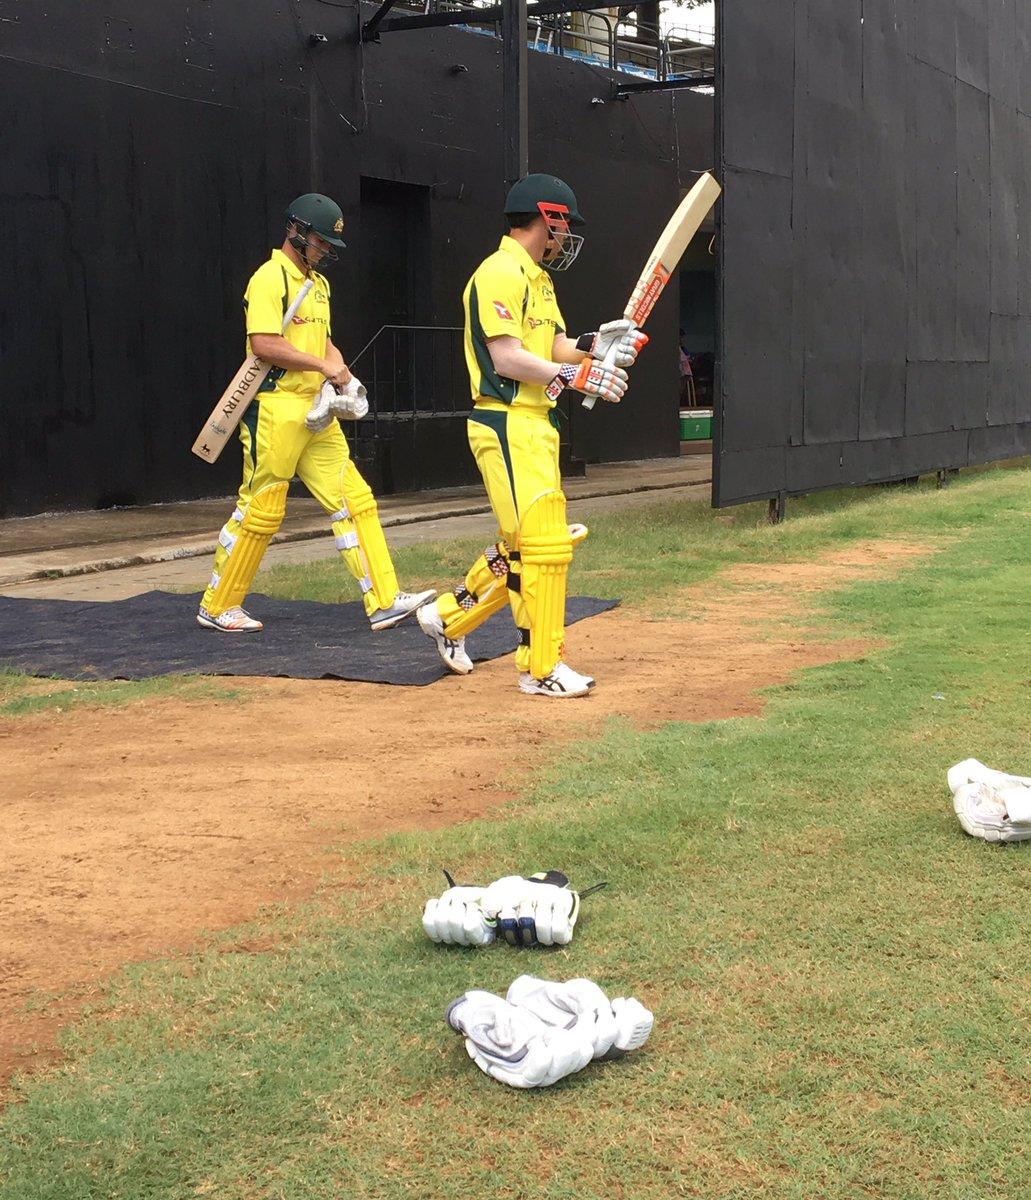 किसने क्या कहा: ऑस्ट्रेलिया के खिलाफ भले ही अभ्यास मैच हार गया भारत लेकिन चल गया ऑस्ट्रेलिया की सबसे बड़ी कमजोरी का पता 24